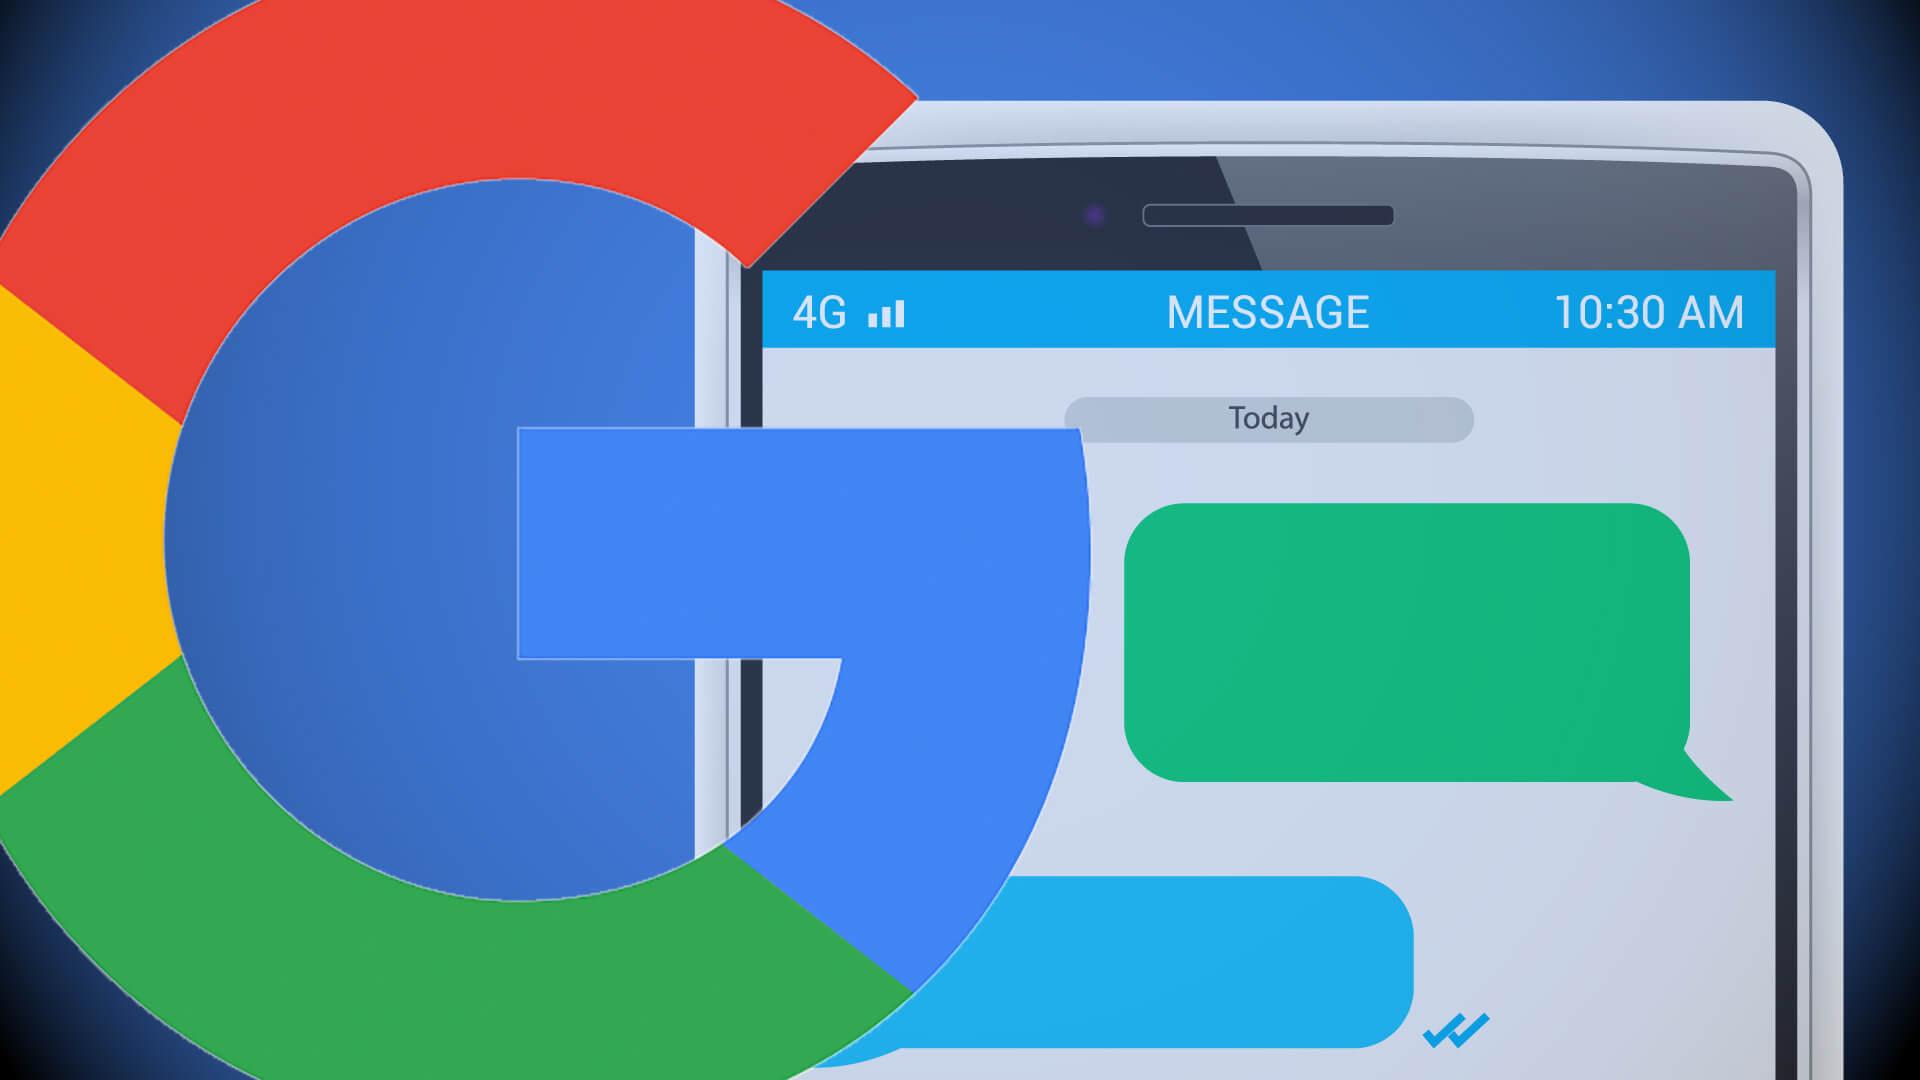 Google comienza a implementar la función de mensajería dentro de Google My Business